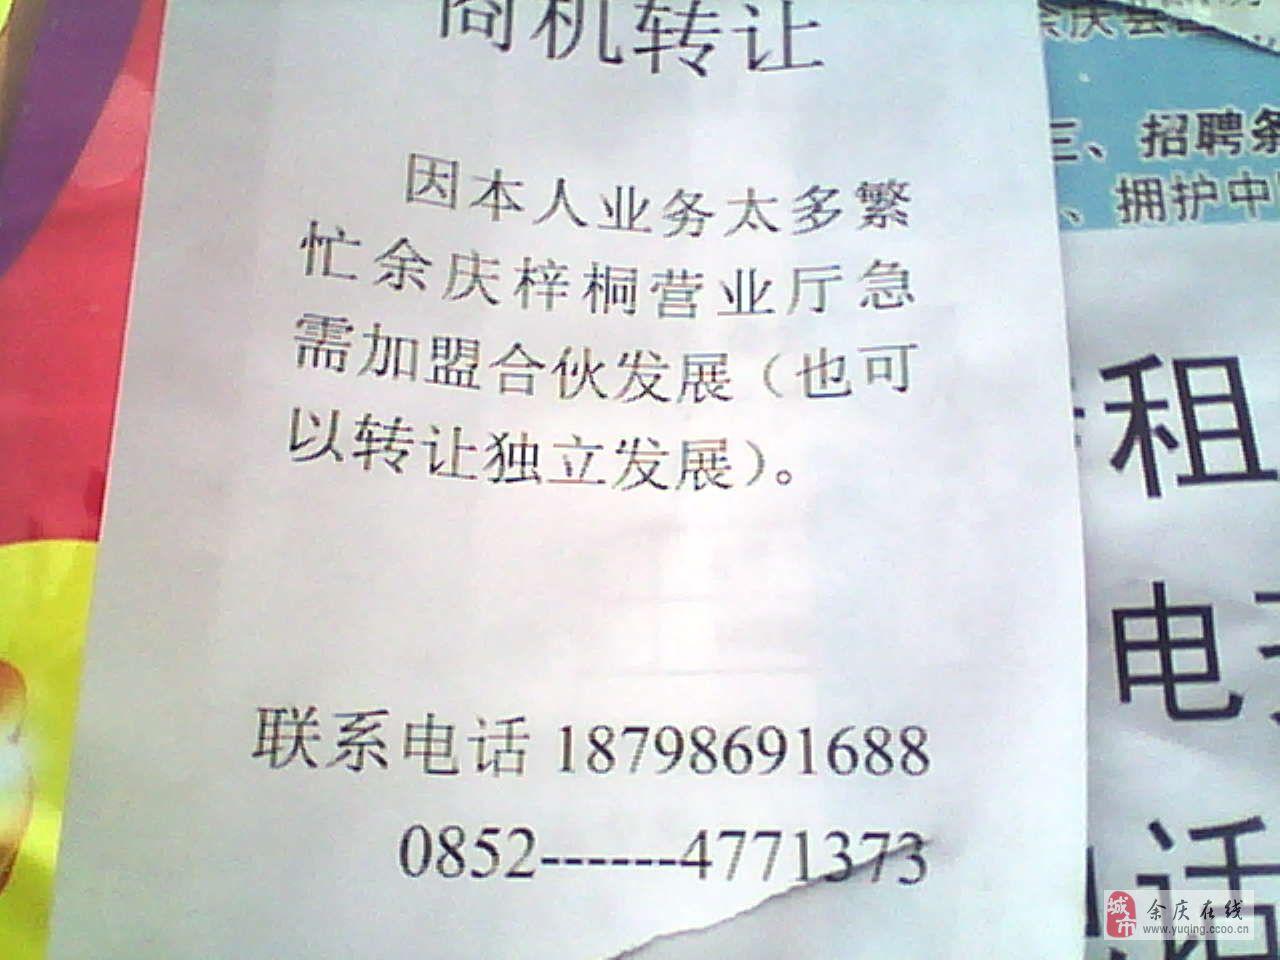 余慶縣營業廳急需加盟合作